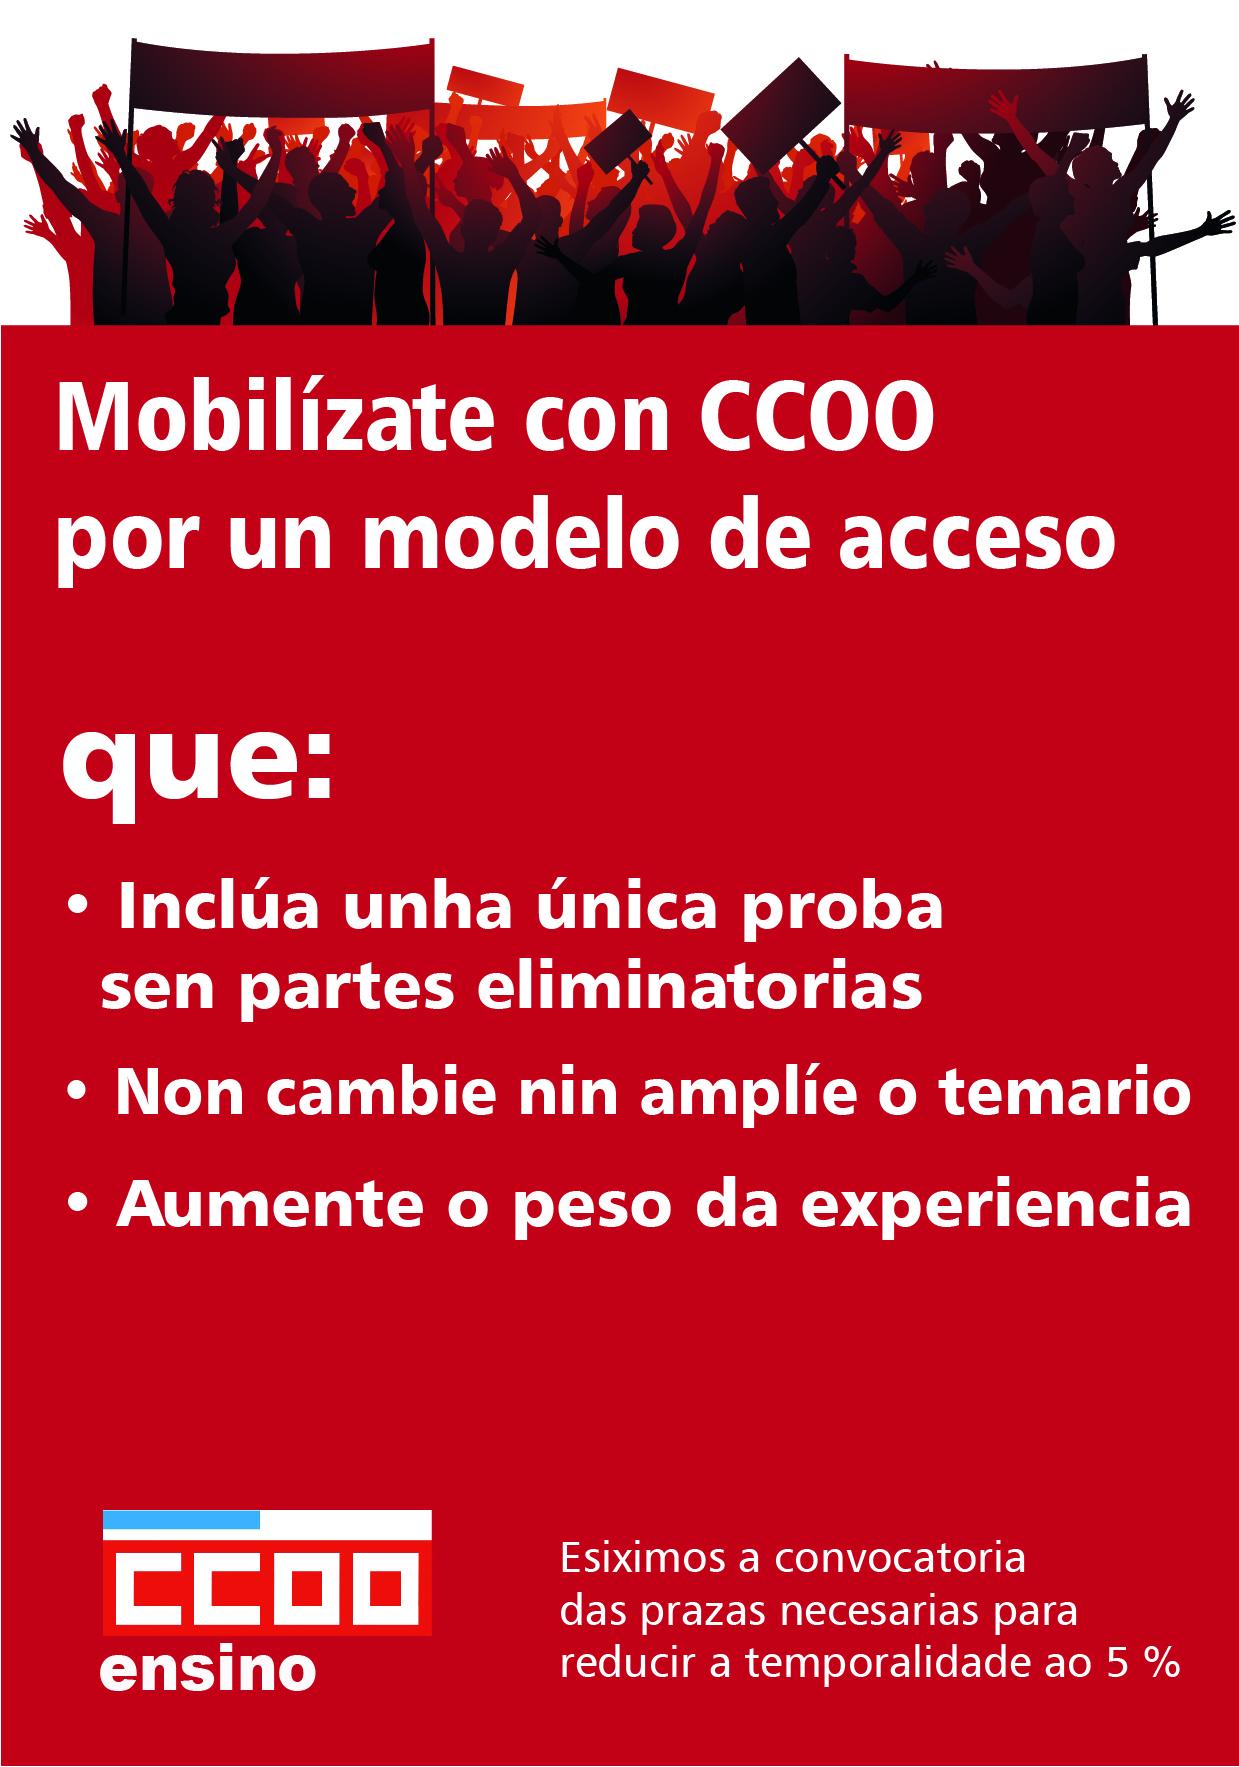 Mobilízate con CCOO por un modelo de acceso que inclúa unha única proba con partes non eliminatorias, non cambie os temarios e aumente o peso da experiencia